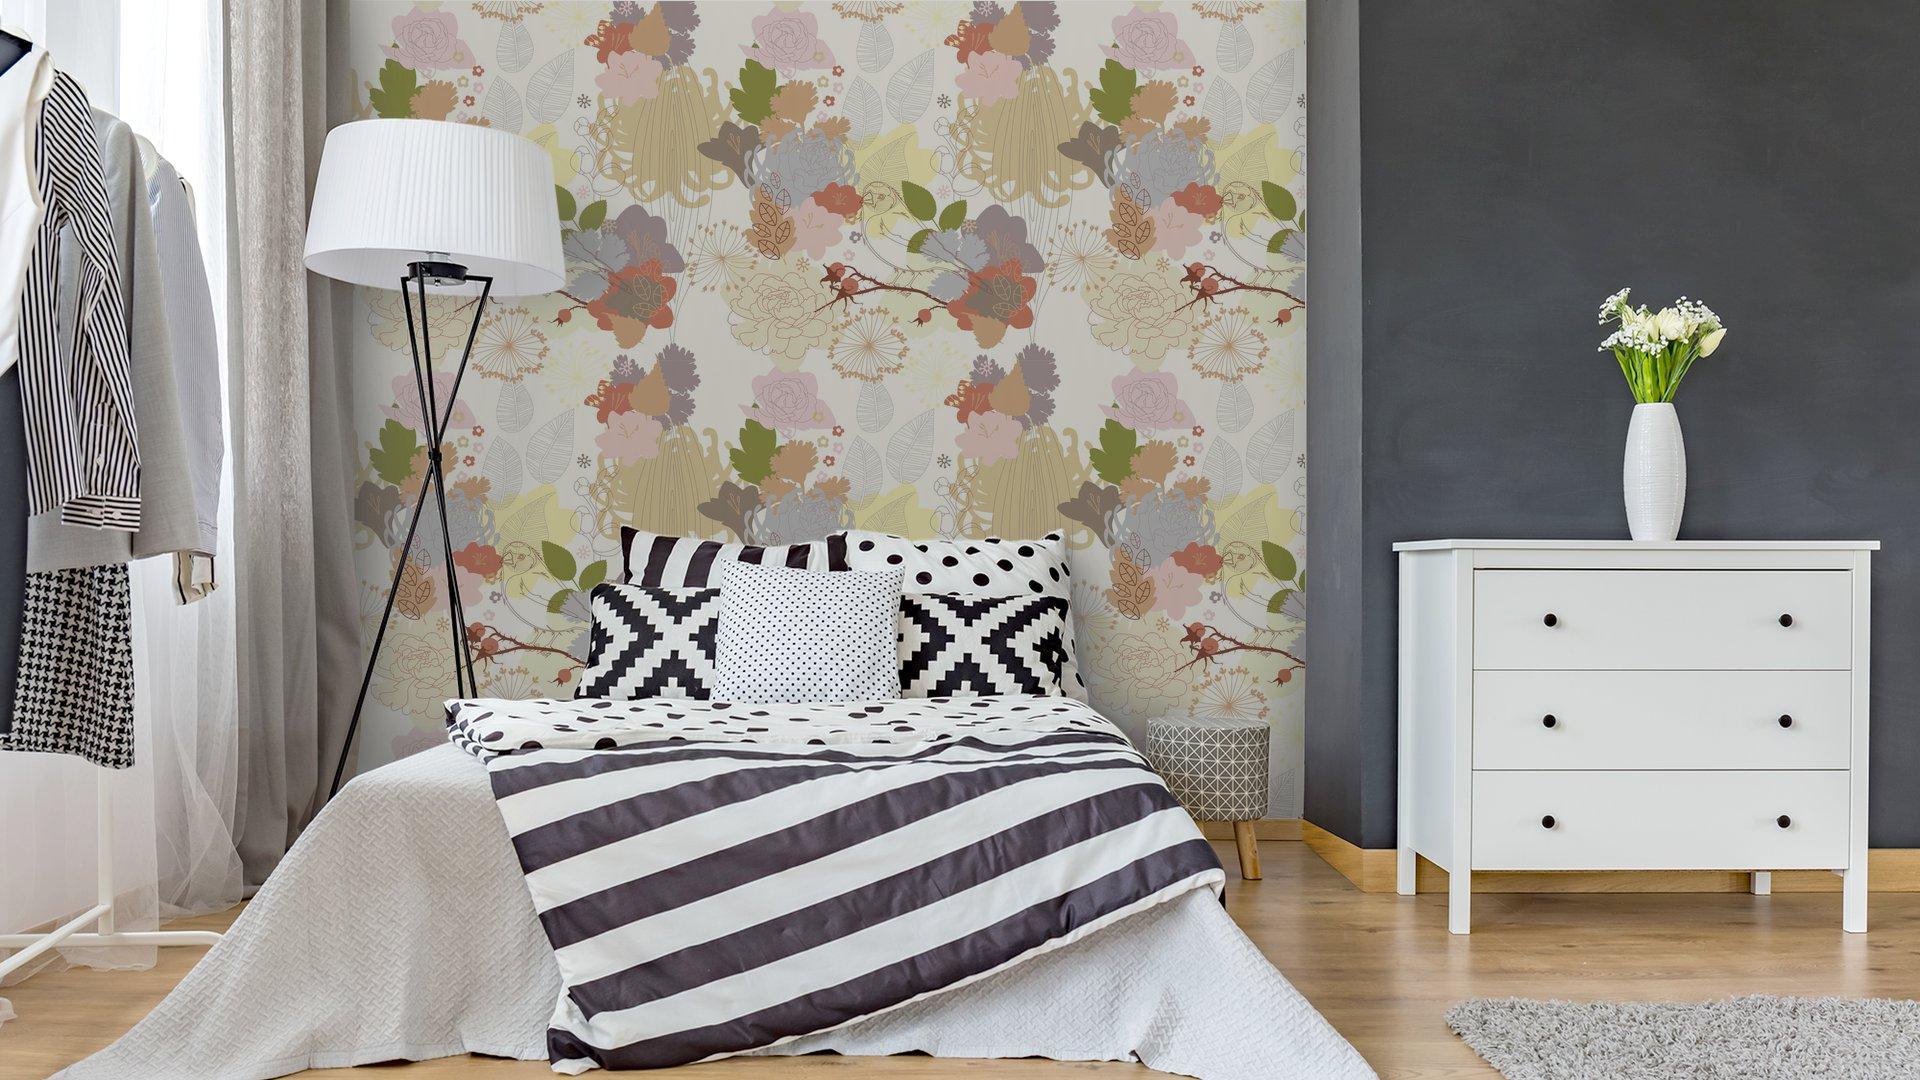 Fotomurales mexico papeles pintados de fondo sin fisuras con el ornamento botanico abstracto 4 - Papel Tapiz Floral Abstracto en Fondo Blanco 01